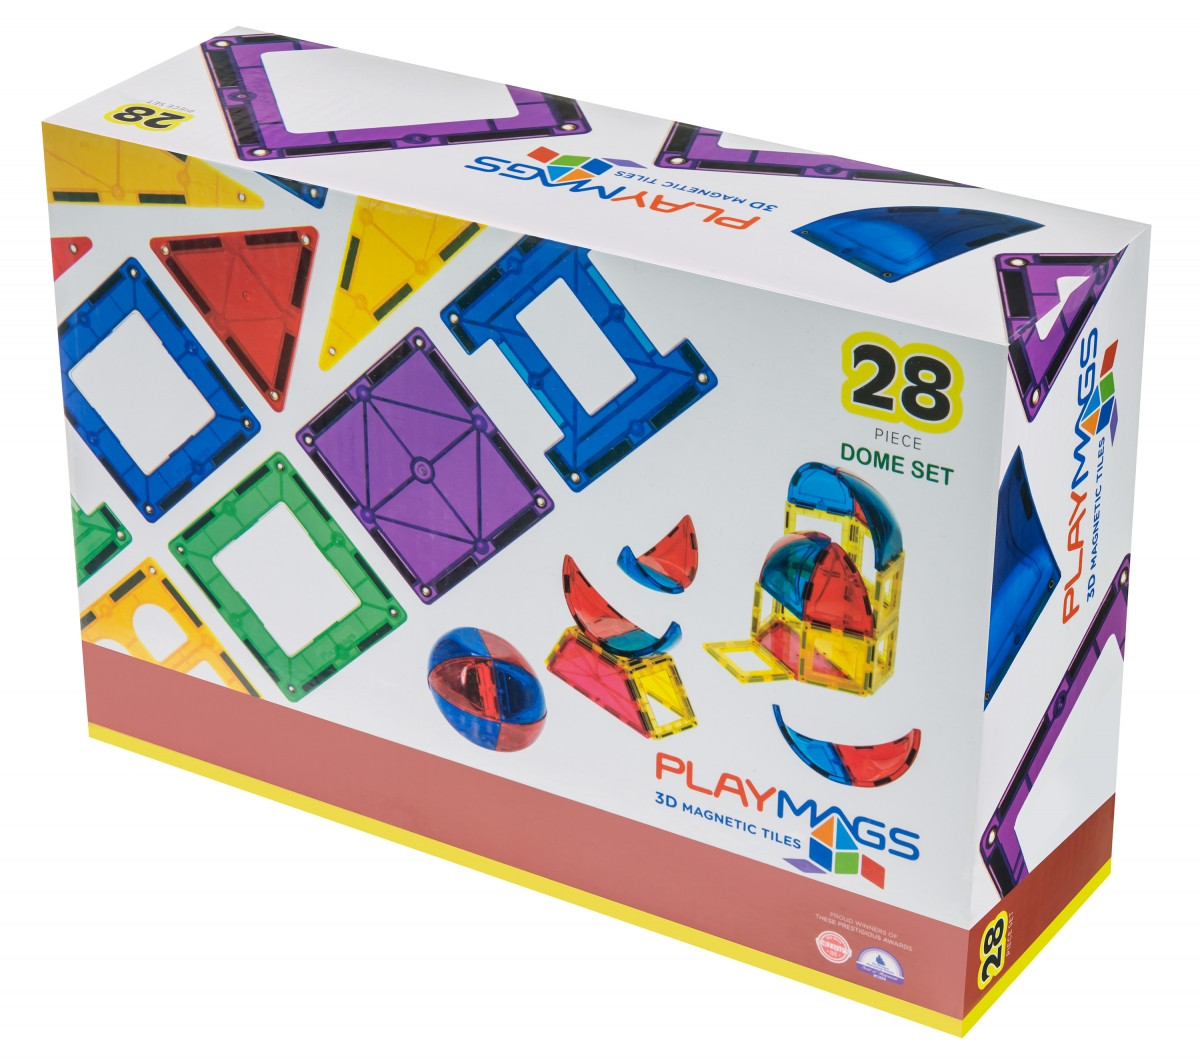 Набор магнитного конструктора Playmags PM164